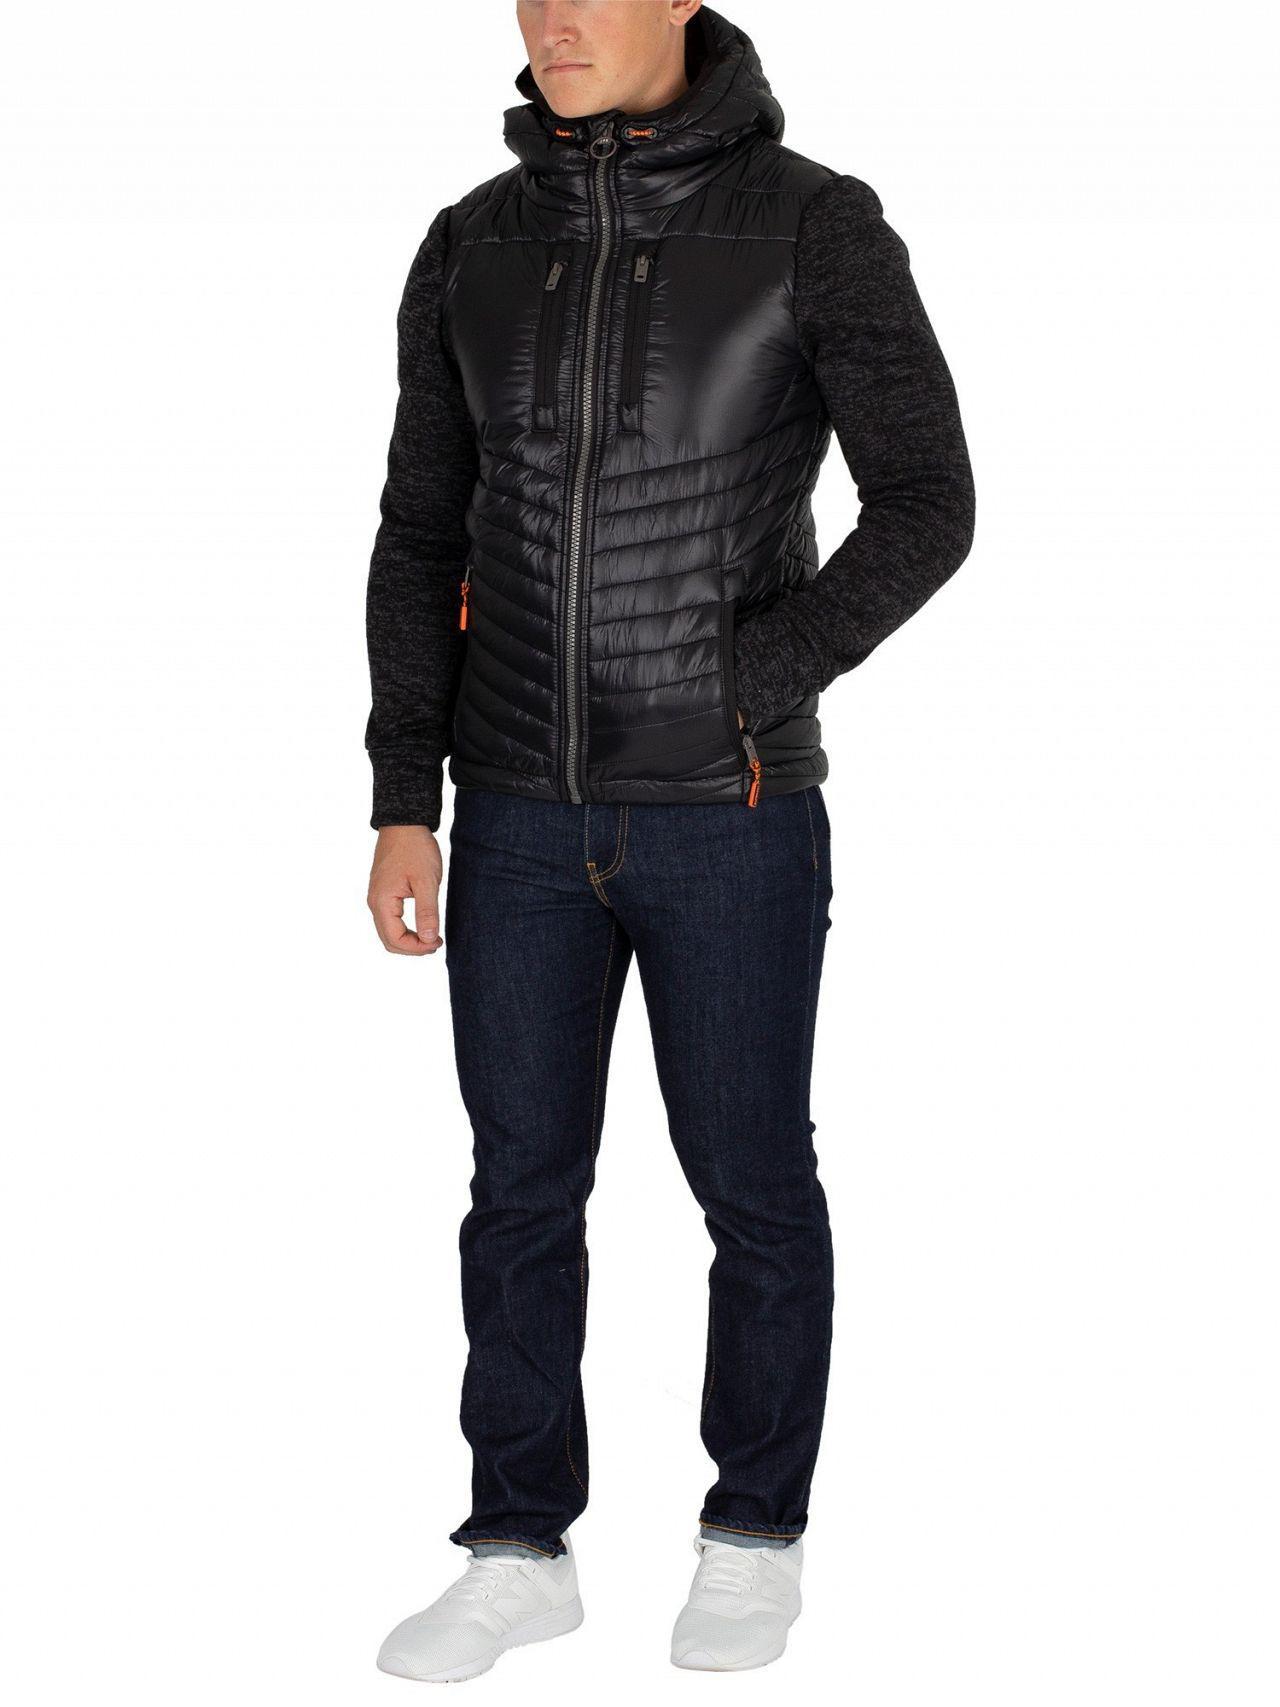 Superdry Storm Hybrid Zip Hoodie Black Granite Marl Jacket